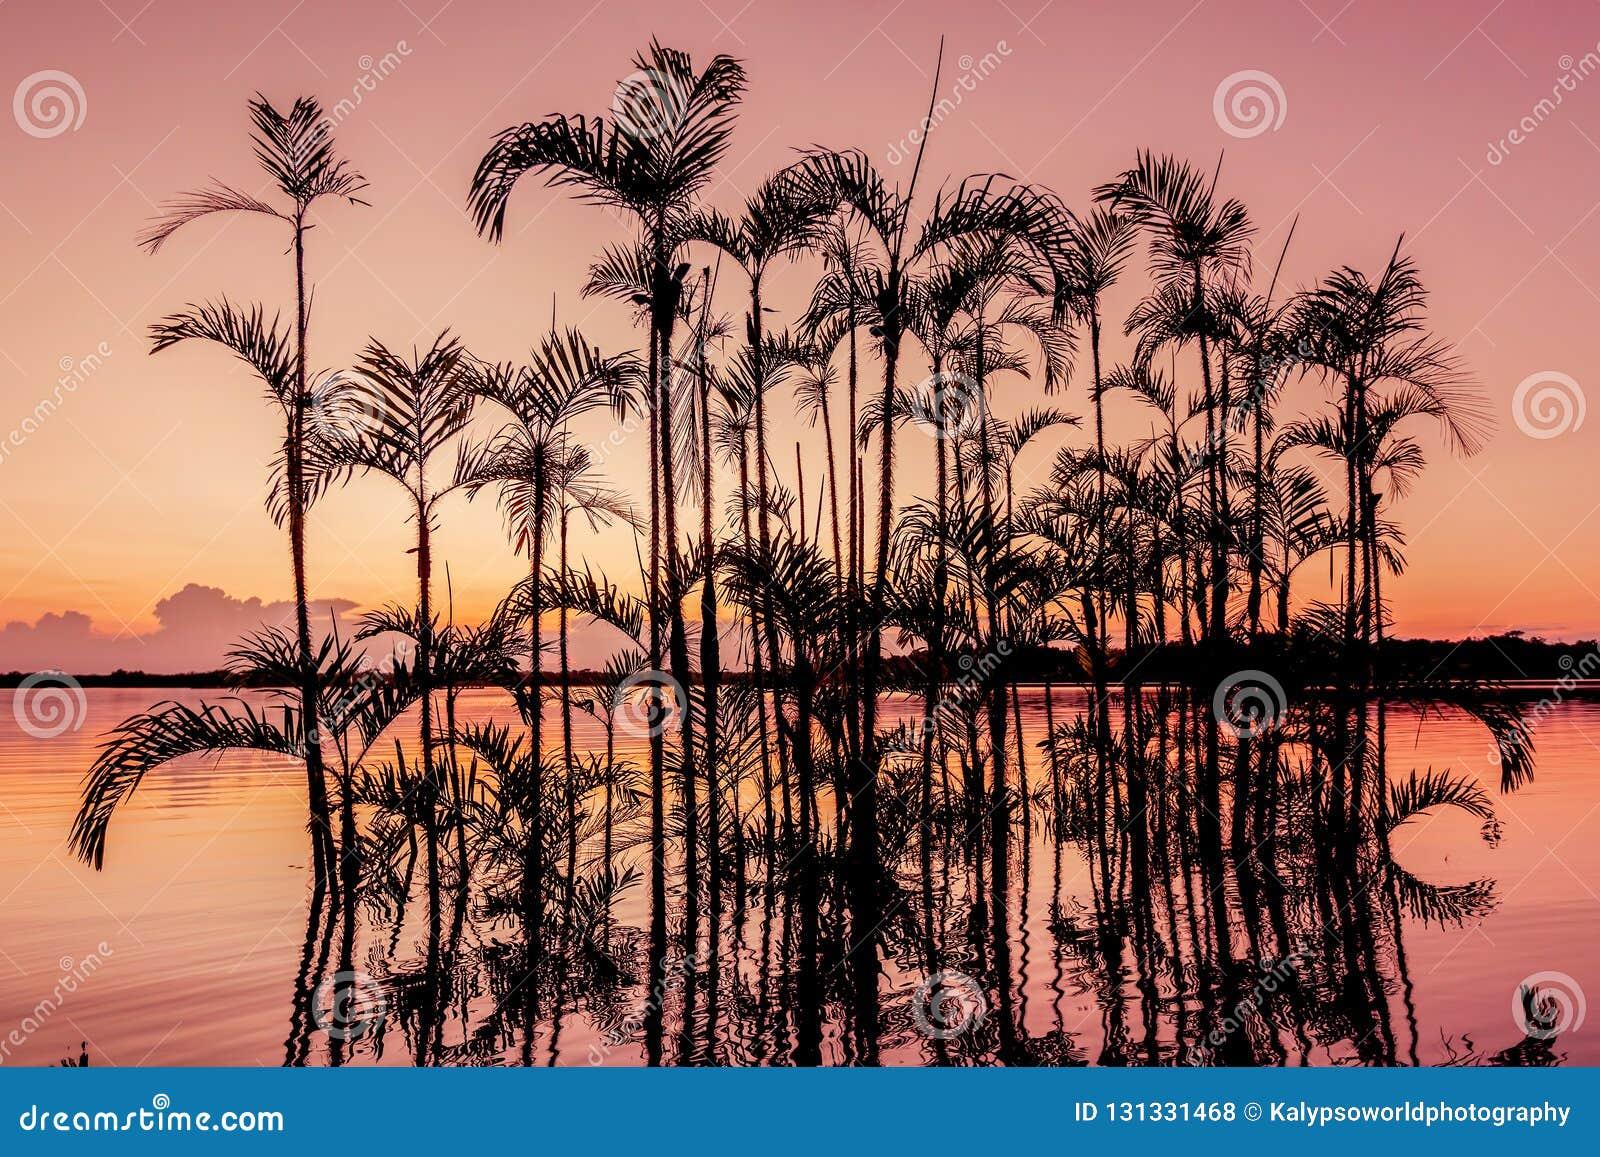 Palme silhouettiert im orange Sonnenuntergang, amazonischer Dschungel